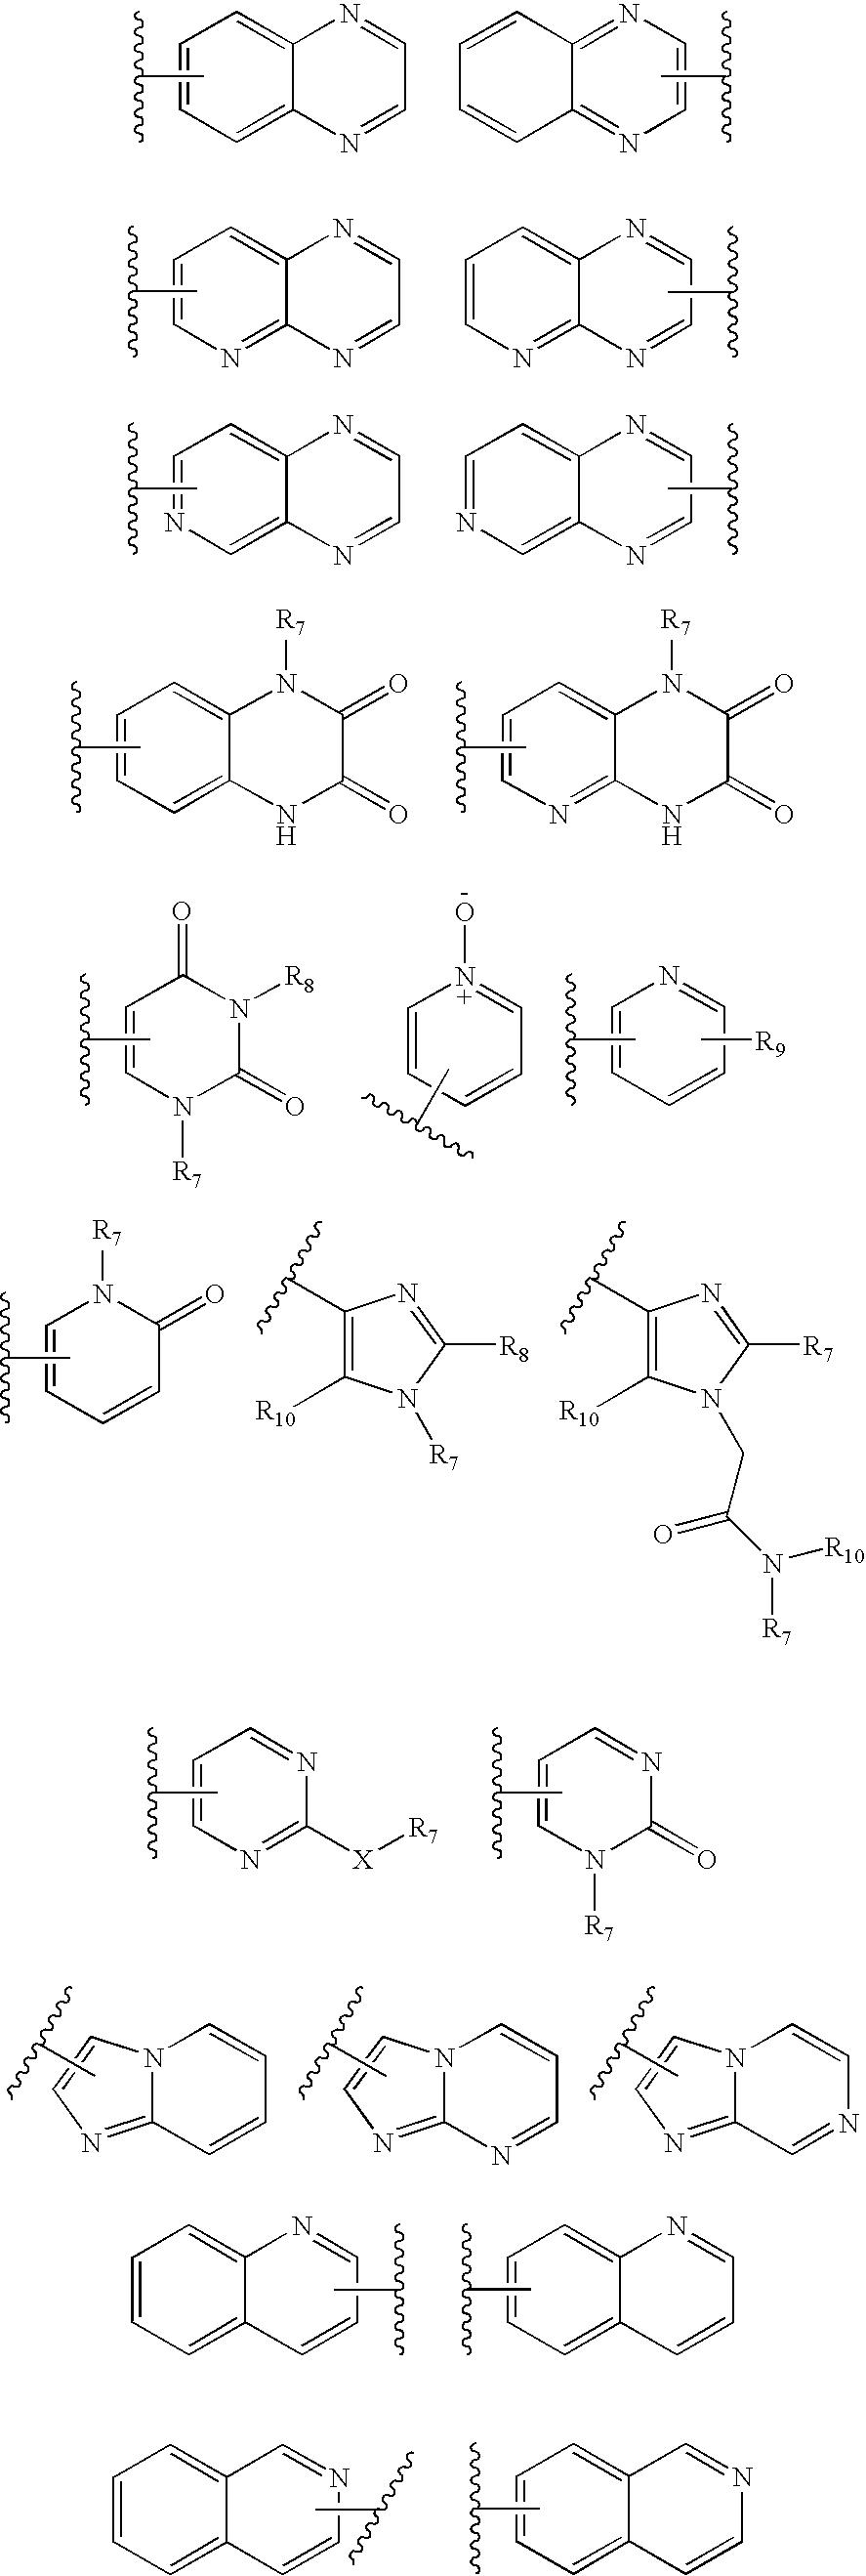 Figure US07531542-20090512-C00022